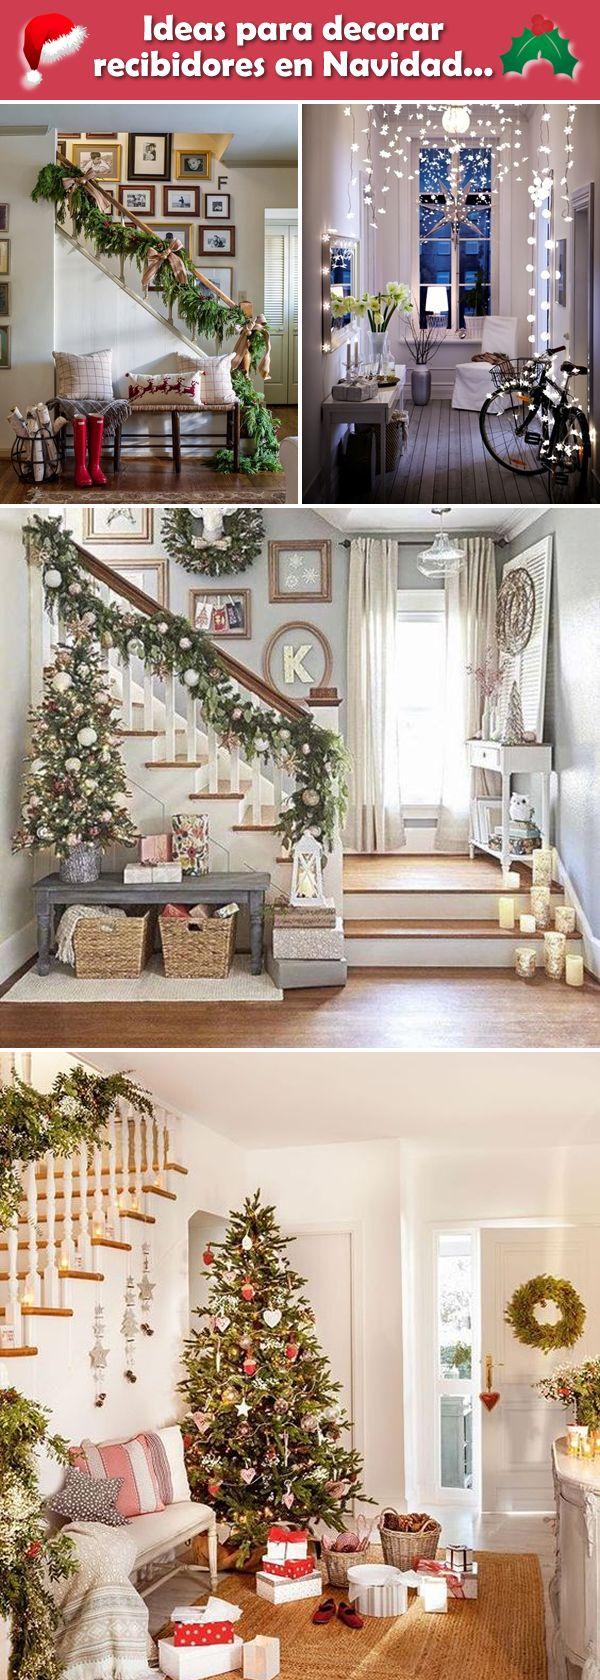 Recibidores navideños. Decoración de recibidores para Navidad. Decoración navideña en recibidores.